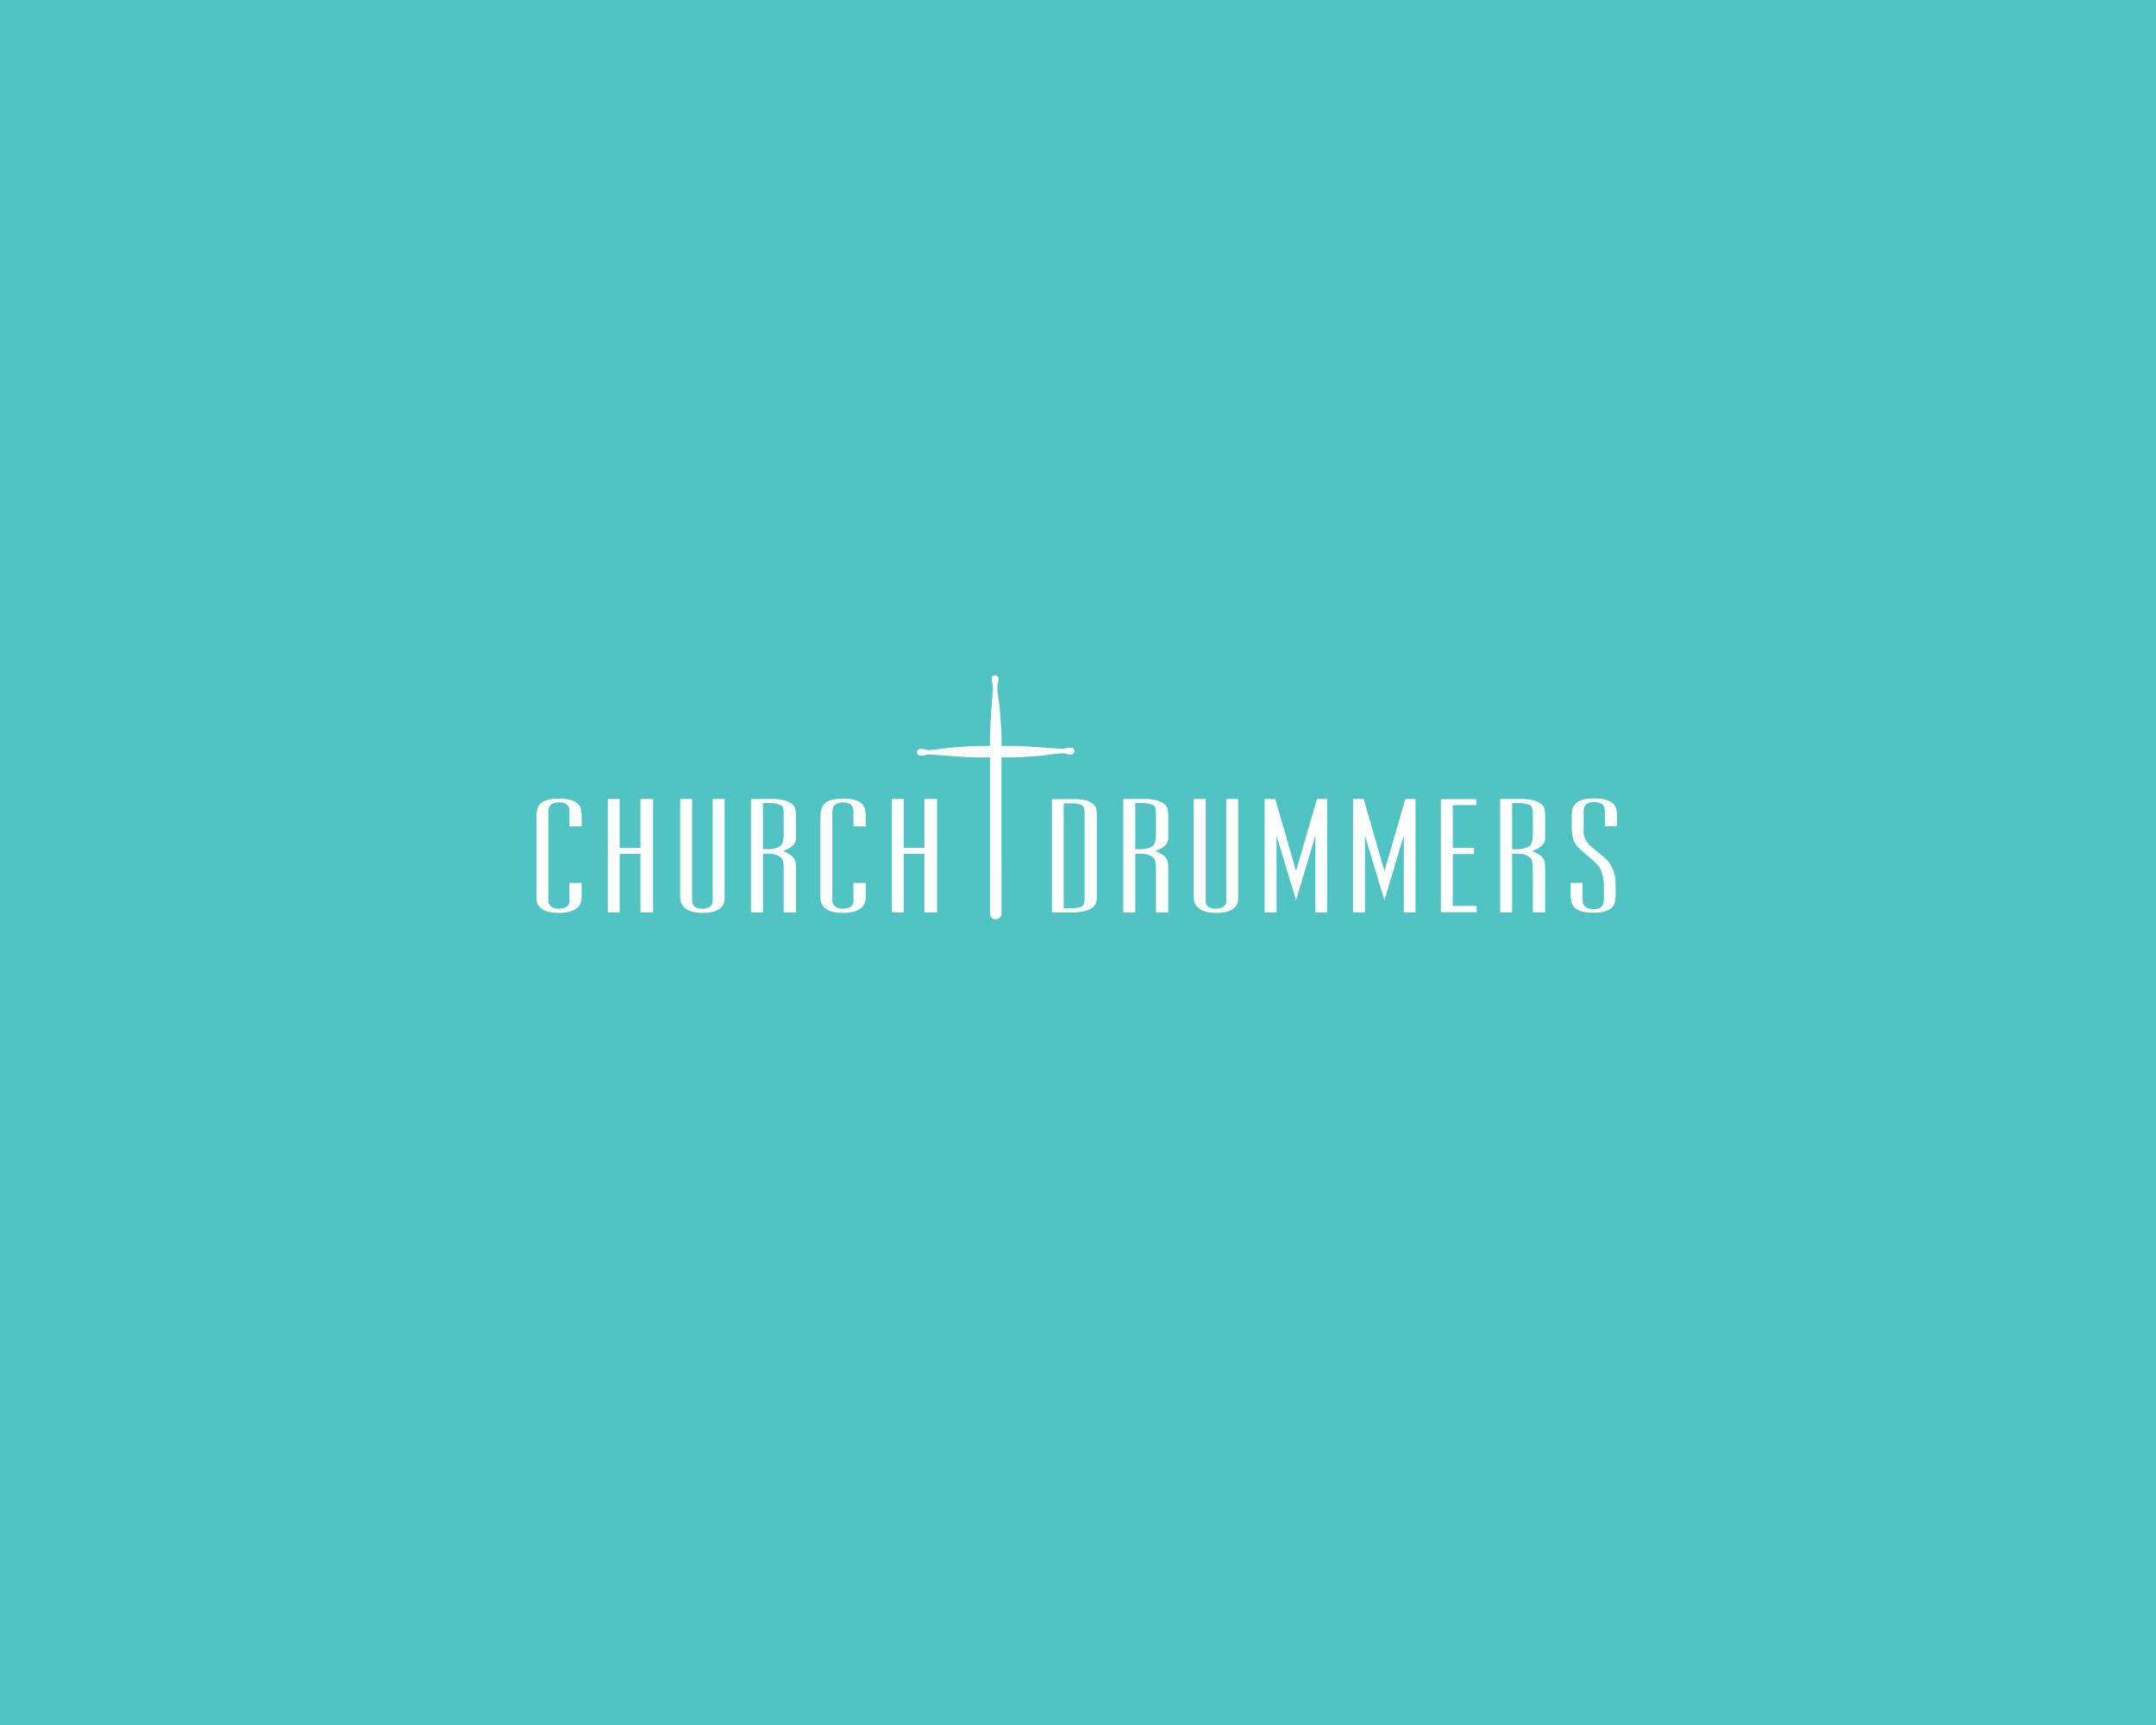 Church Drummers Logo